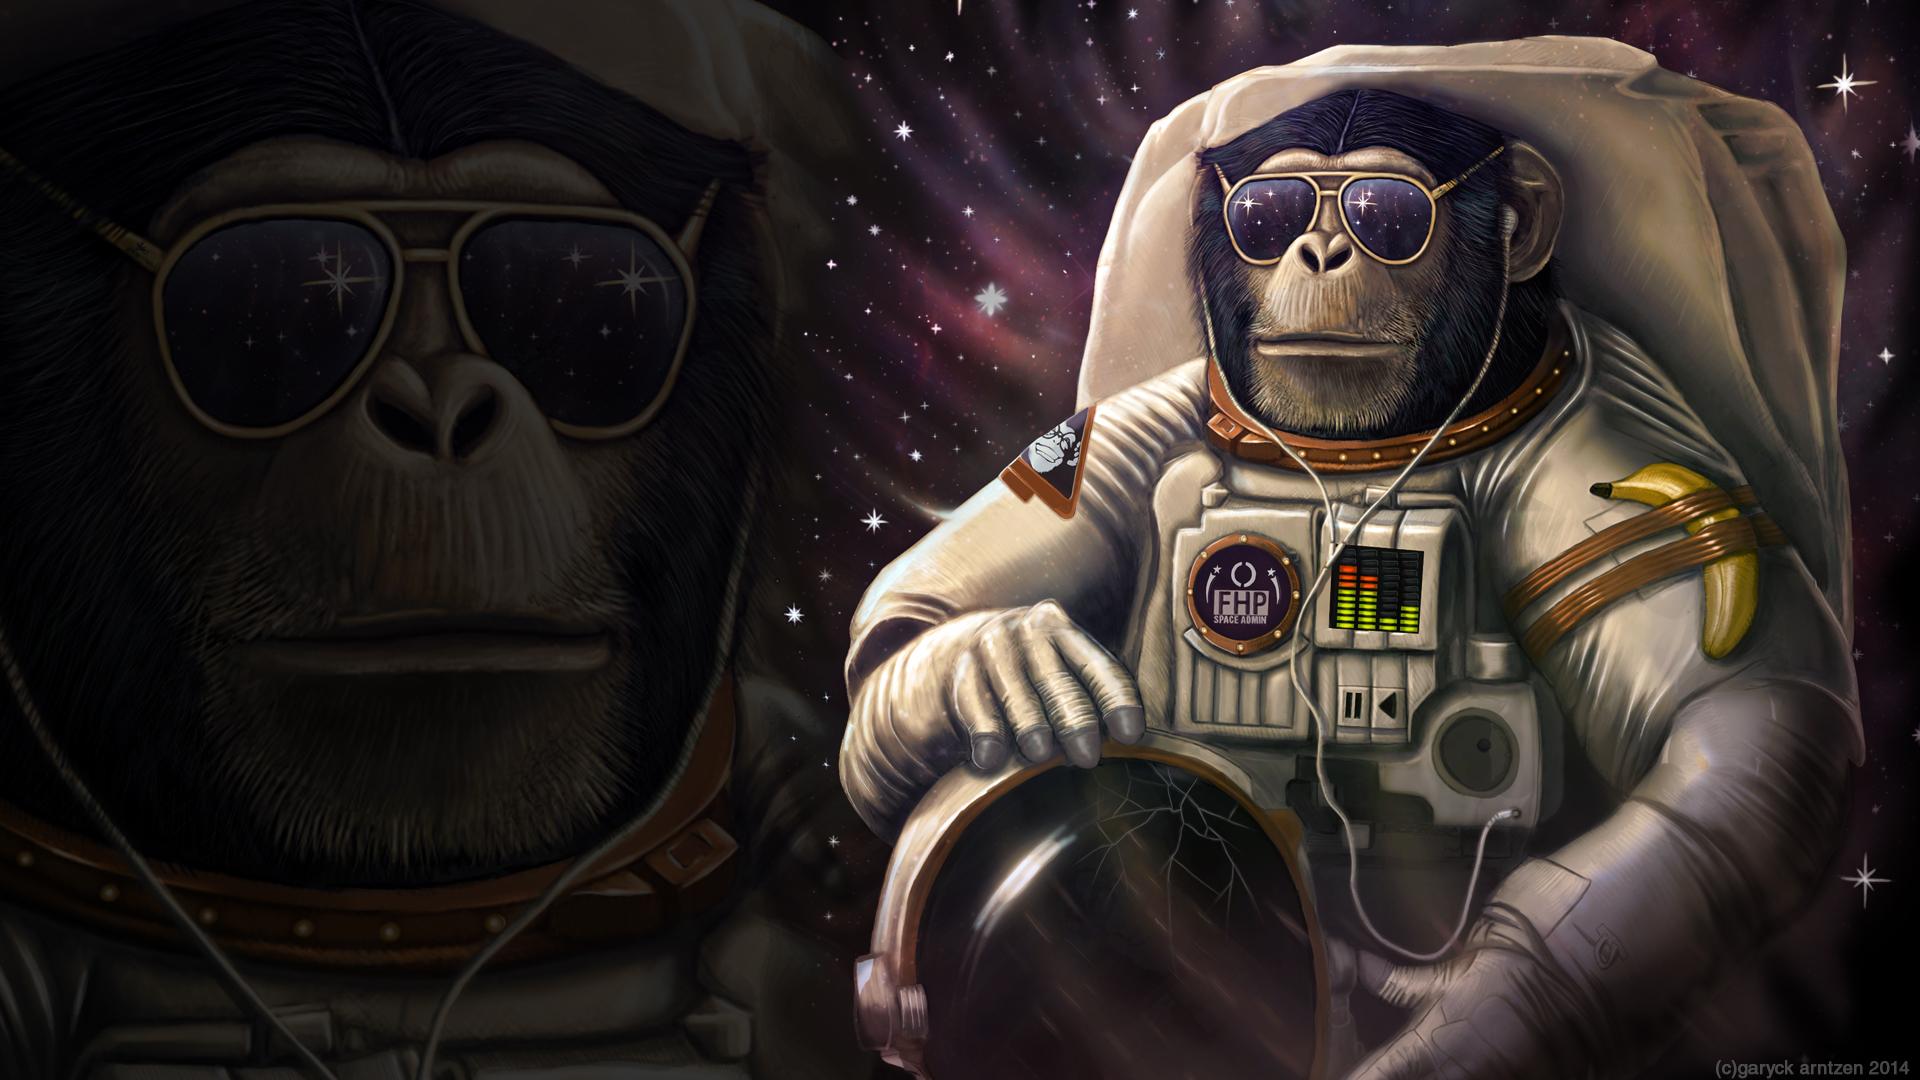 Free download astronaut backgrounds pixelstalk net